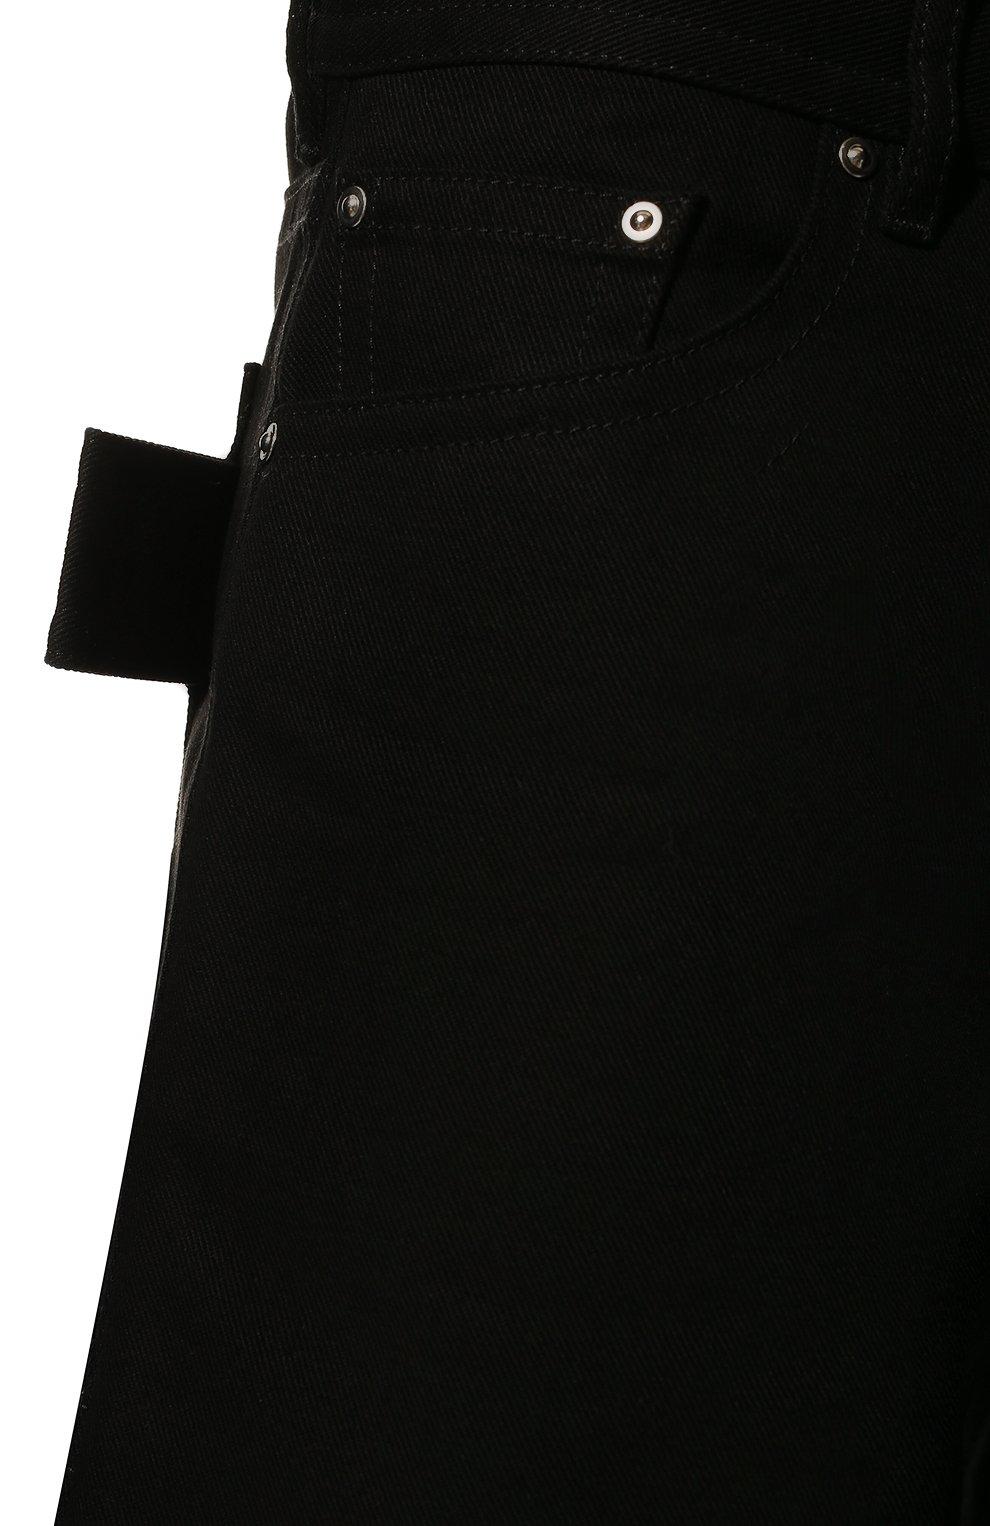 Мужские хлопковые шорты BOTTEGA VENETA черного цвета, арт. 572996/VF4T0 | Фото 5 (Мужское Кросс-КТ: Шорты-одежда; Принт: Без принта; Длина Шорты М: Ниже колена; Материал внешний: Хлопок; Стили: Минимализм; Статус проверки: Проверена категория)